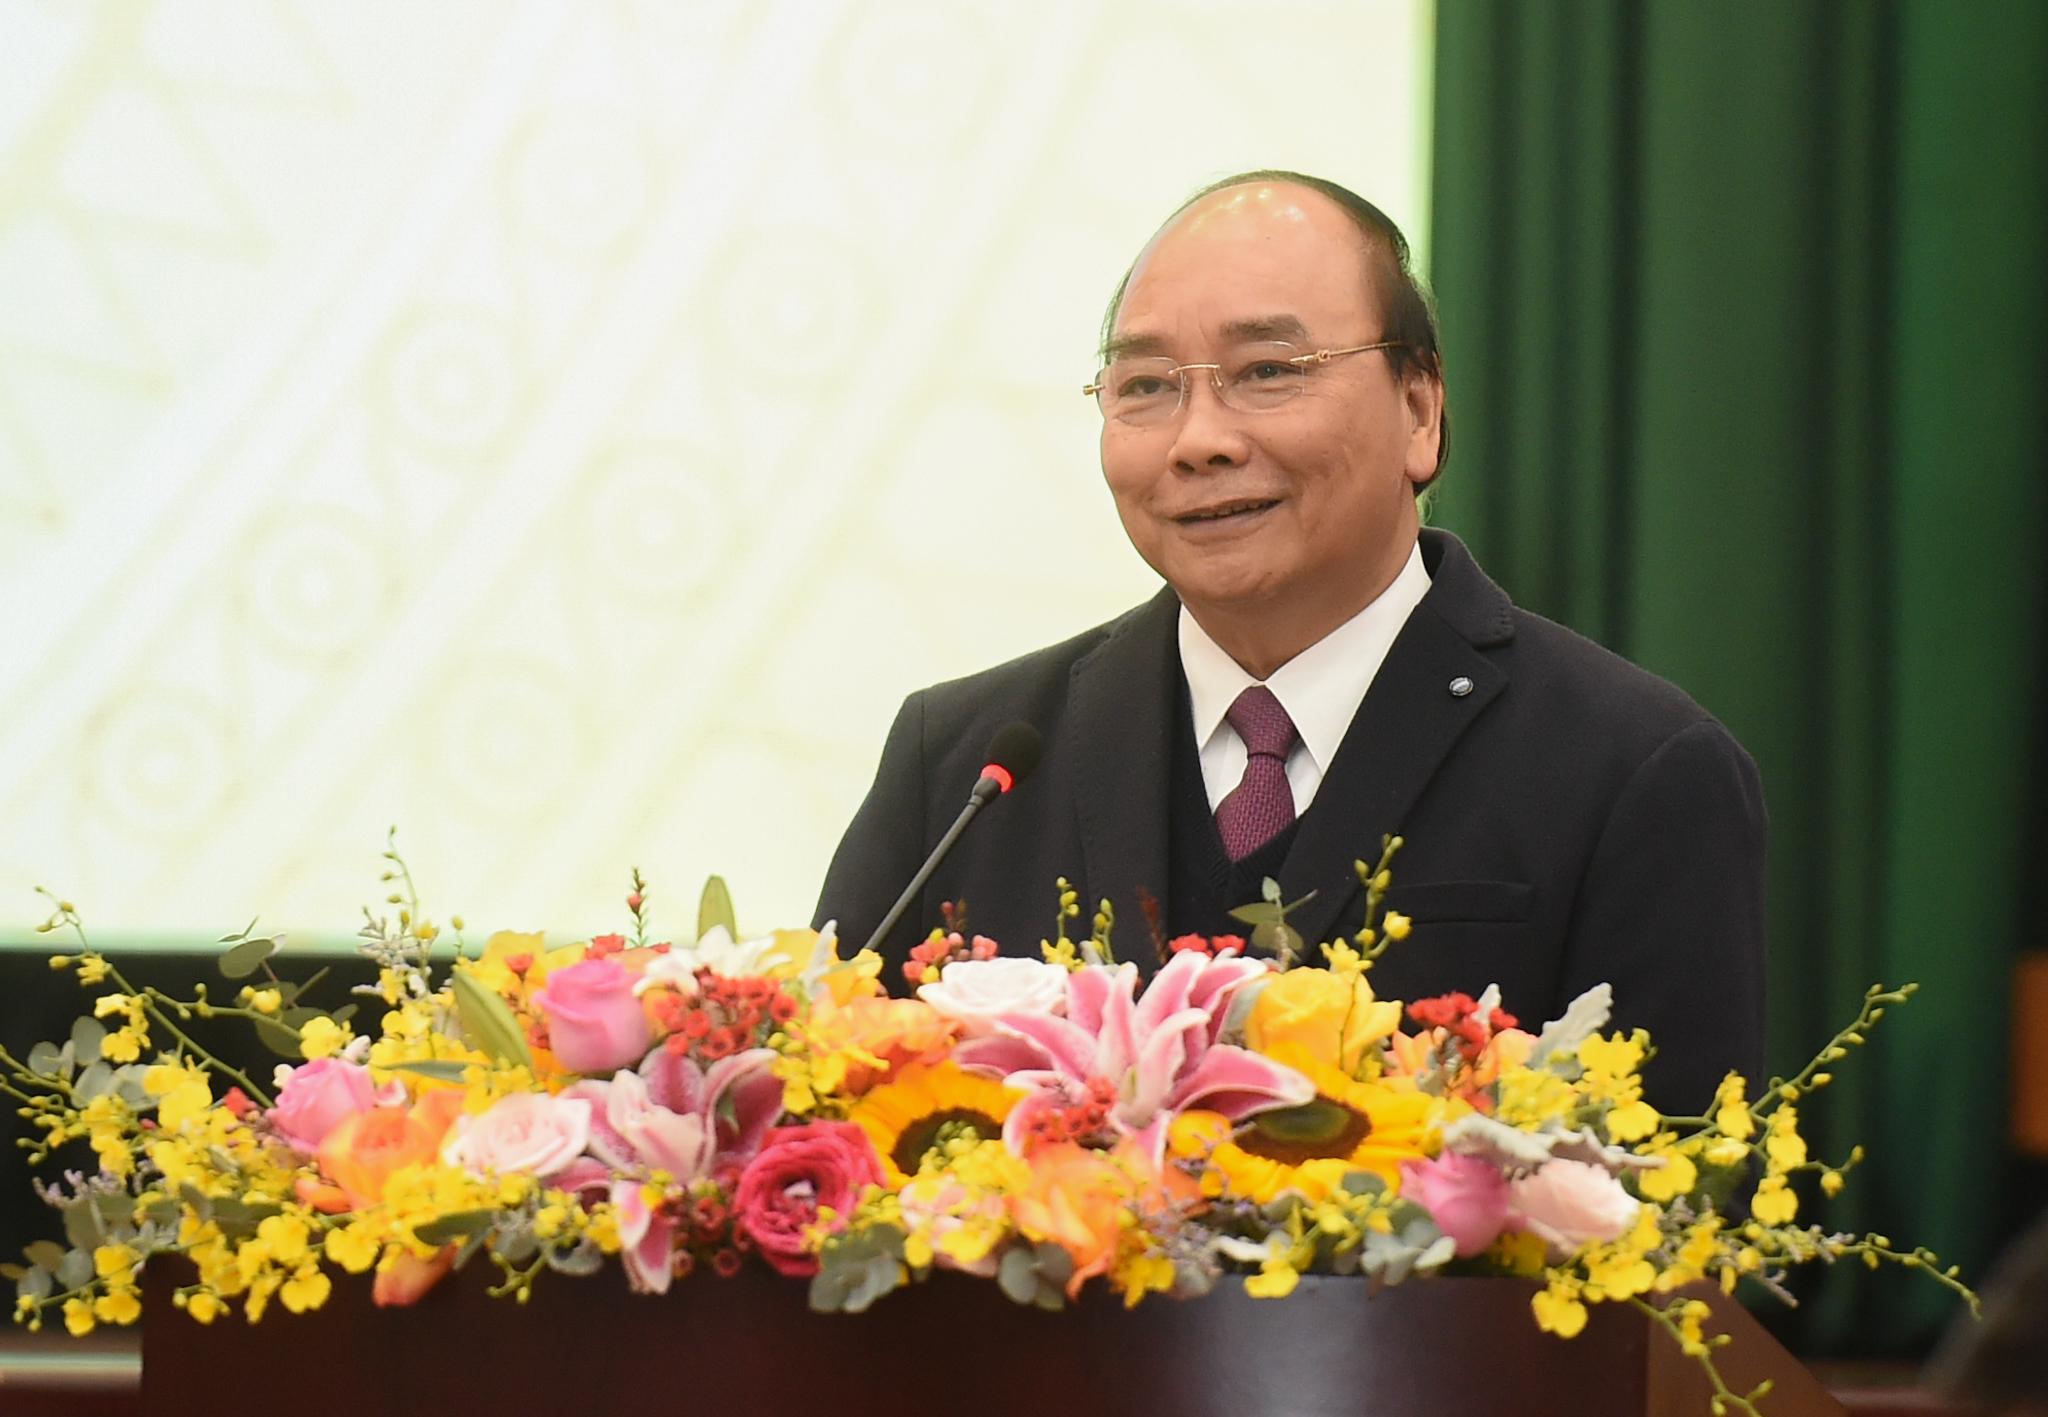 Thủ tướng đề nghị ngành tài chính thực hiện 9 nhiệm vụ trọng tâm trong năm 2021. Ảnh: VGP/Quang Hiếu